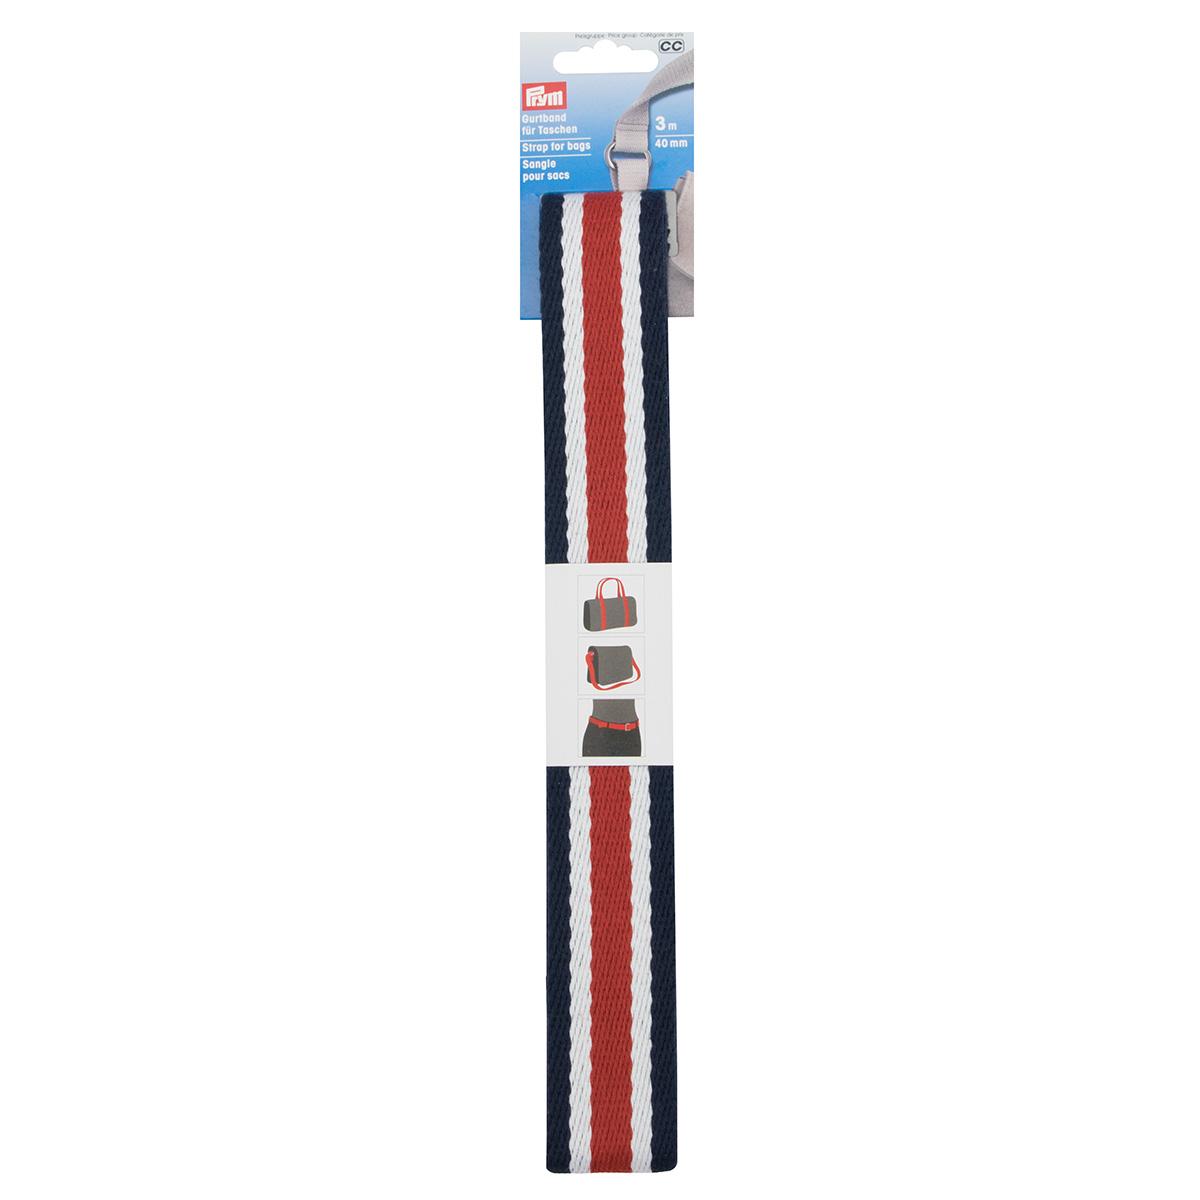 965215 Лента-ремень для сумок 40мм, 300см, син/бел/красн Prym